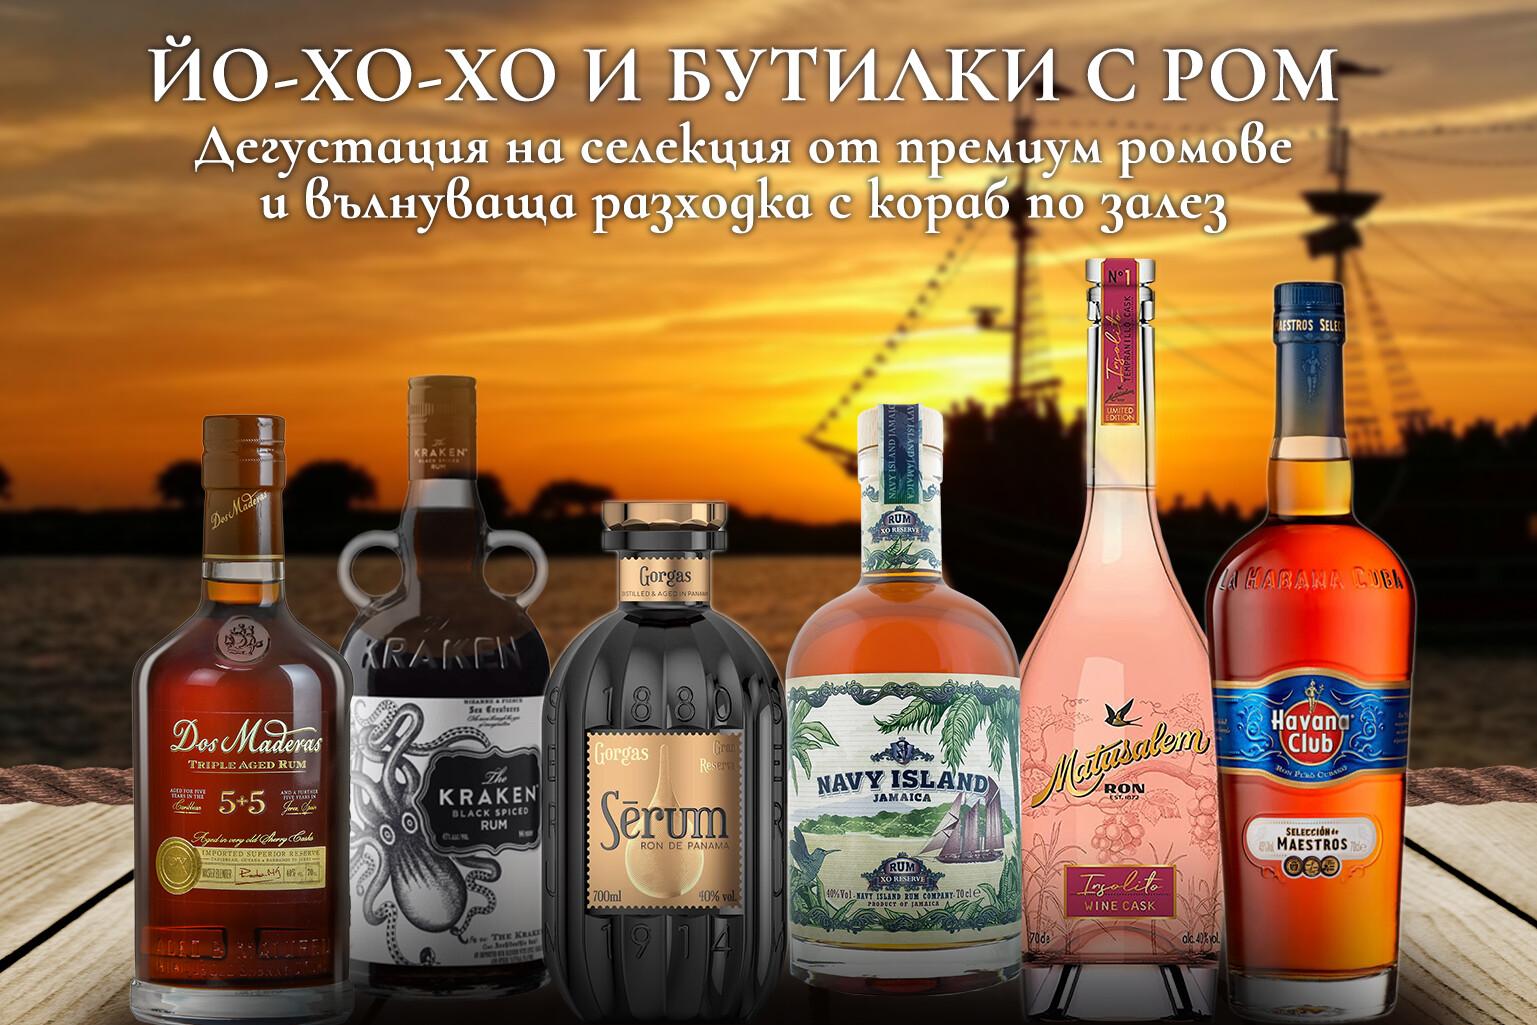 Йо-хо-хо и бутилки с ром 2021 дегустационен клас